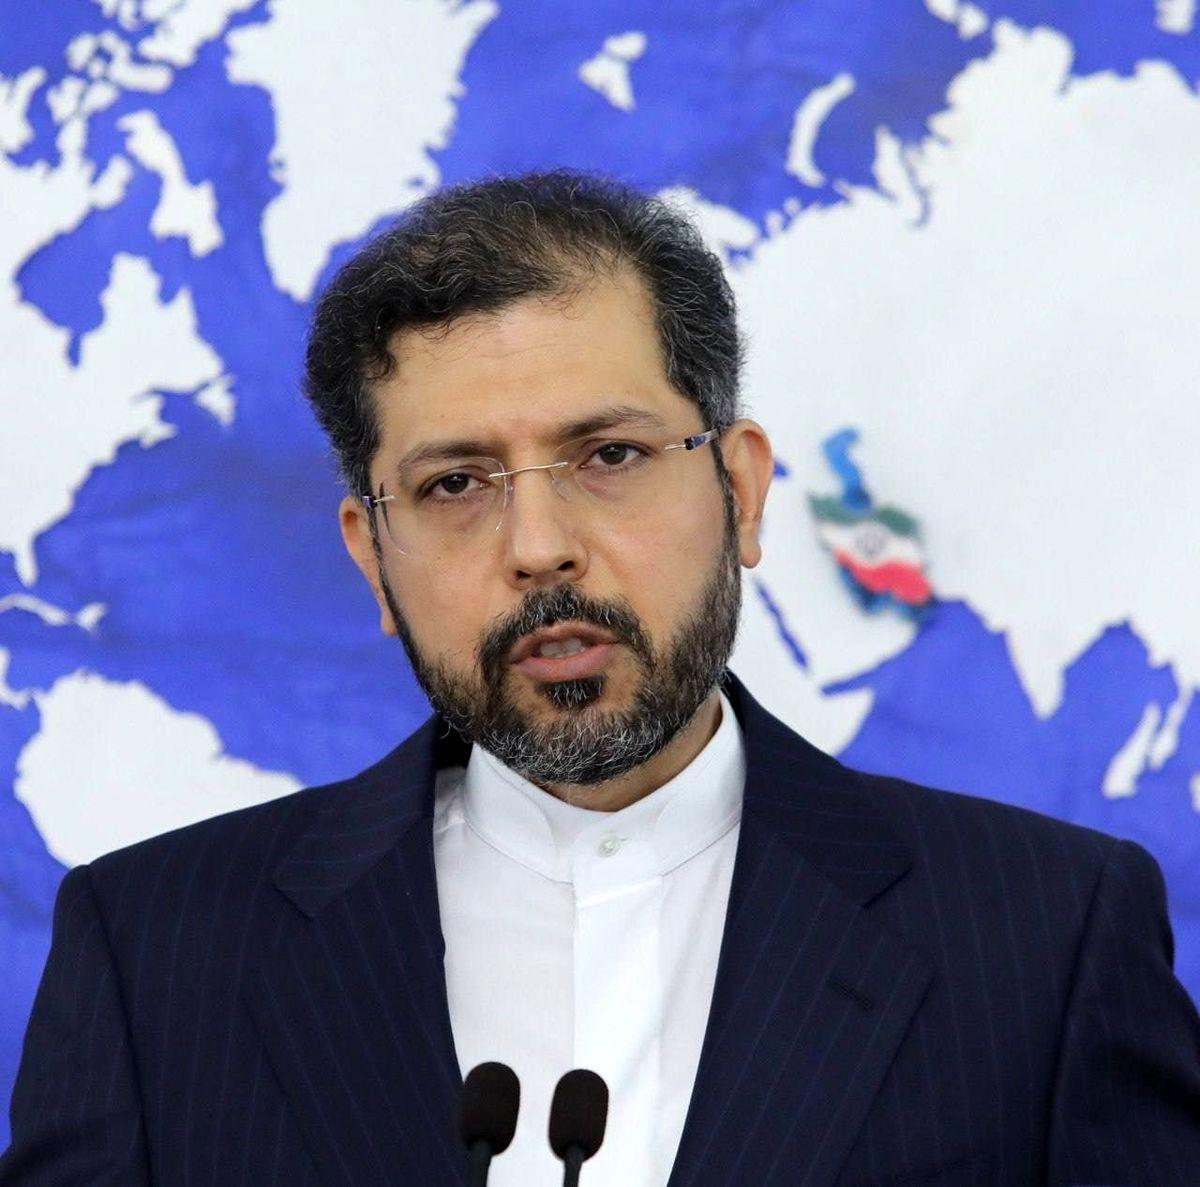 ضرب الاجل ایران برای توقف اجرای پروتکل الحاقی